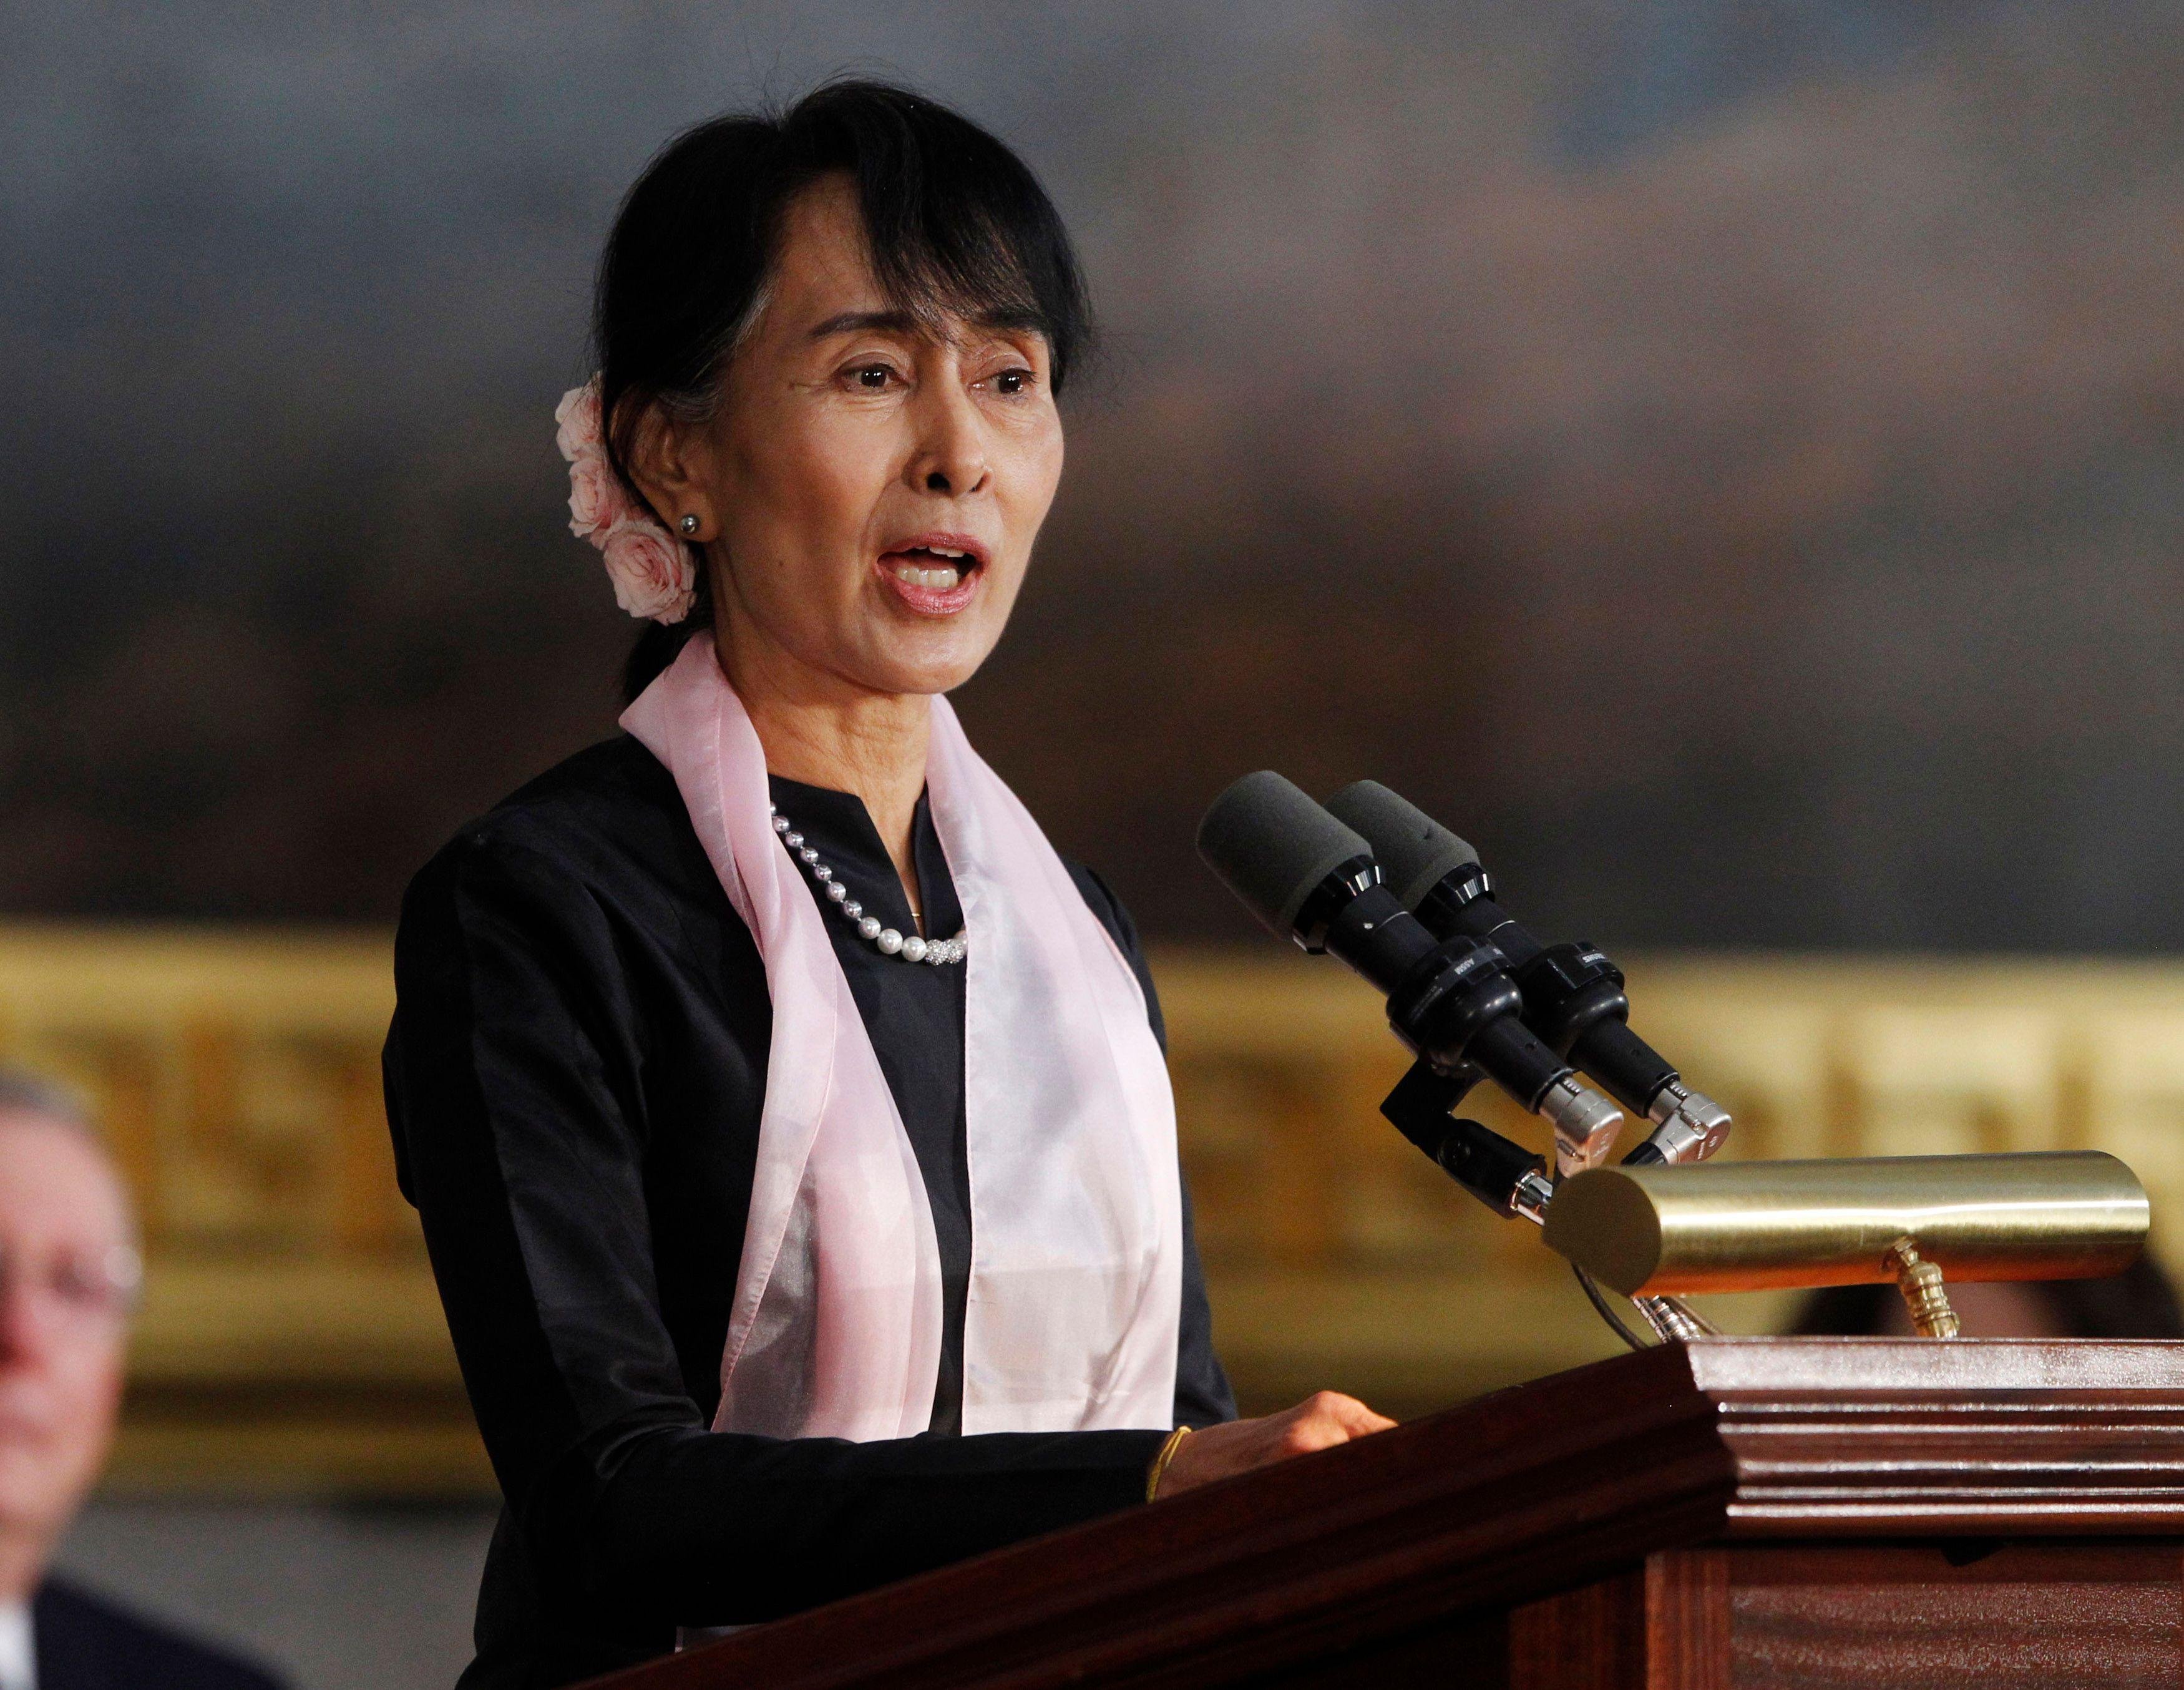 Rohingyas : Aung San Suu Kyi critiquée de toutes parts pour son silence